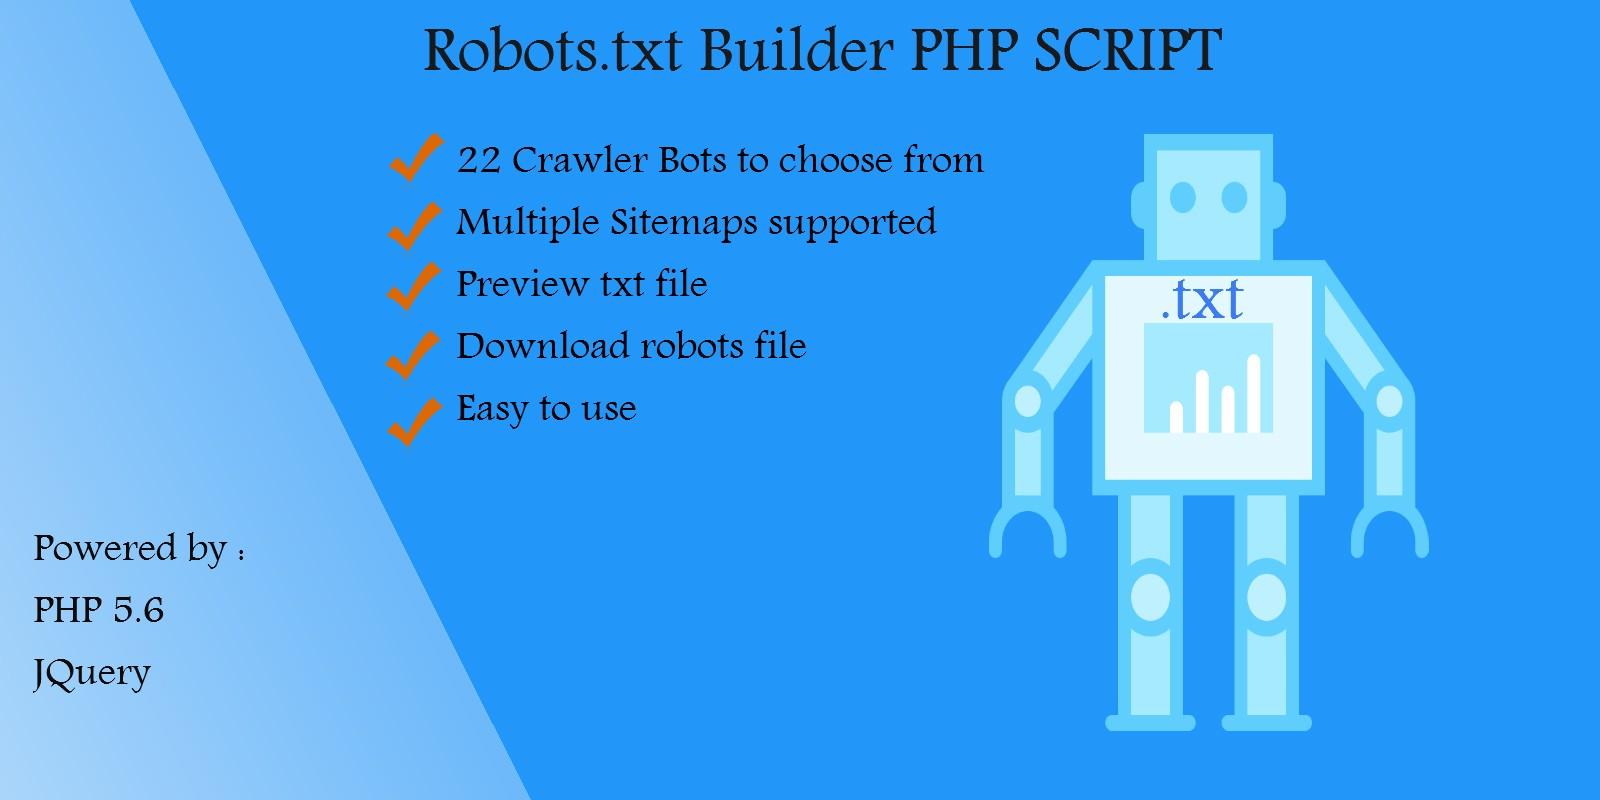 Download – Robots.txt Builder PHP Script